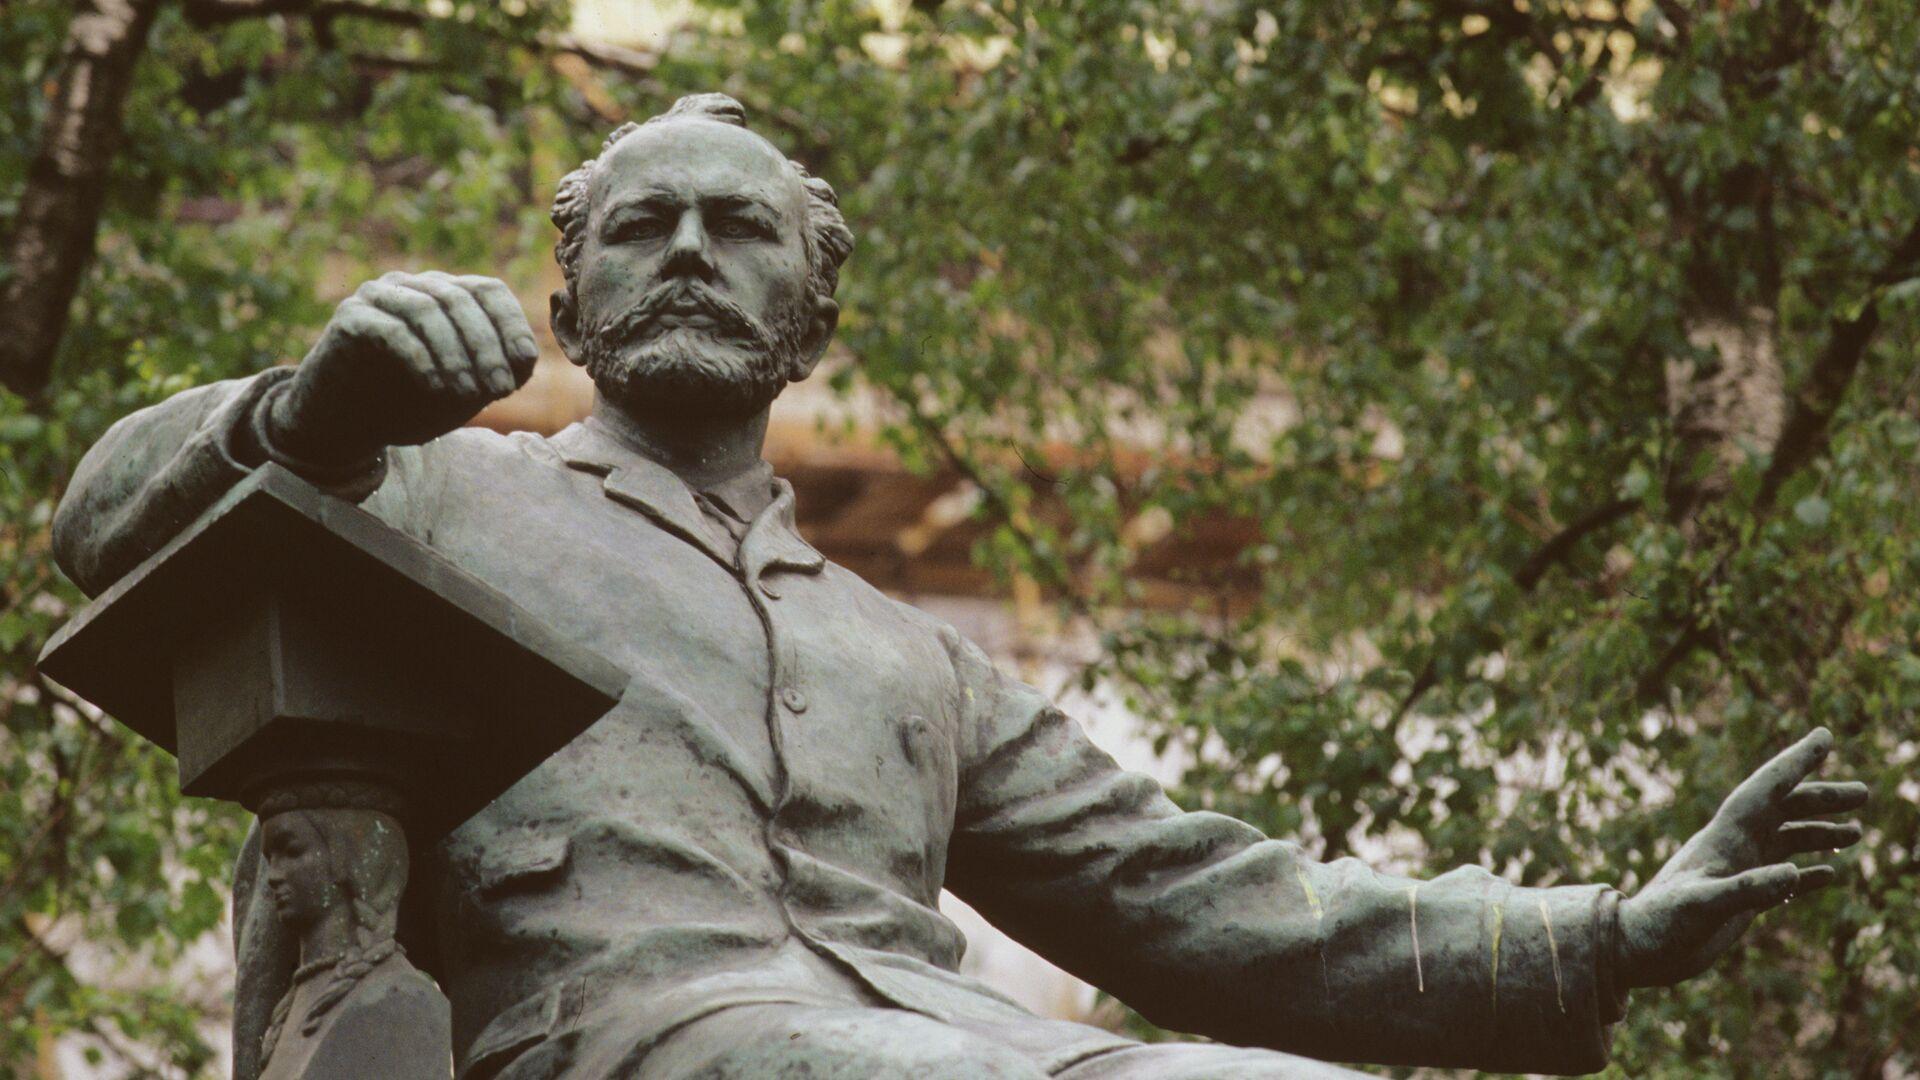 Памятник композитору П.И. Чайковскому в Москве - РИА Новости, 1920, 09.08.2019